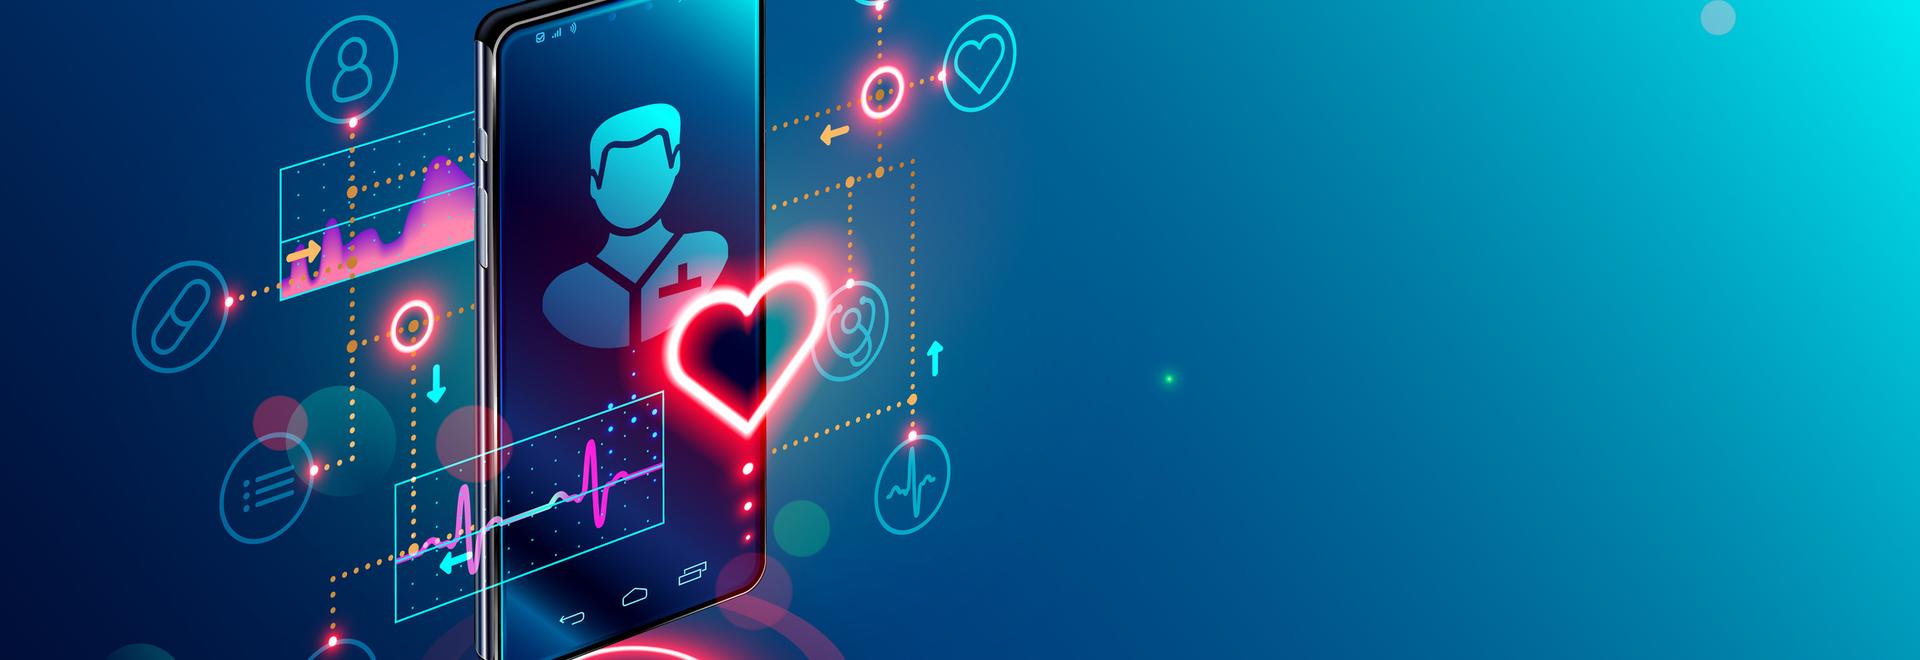 Tre soluzioni pionieristiche IoMT si sono aggiudicate il primo posto all'evento virtuale.MEDICA di quest'anno.